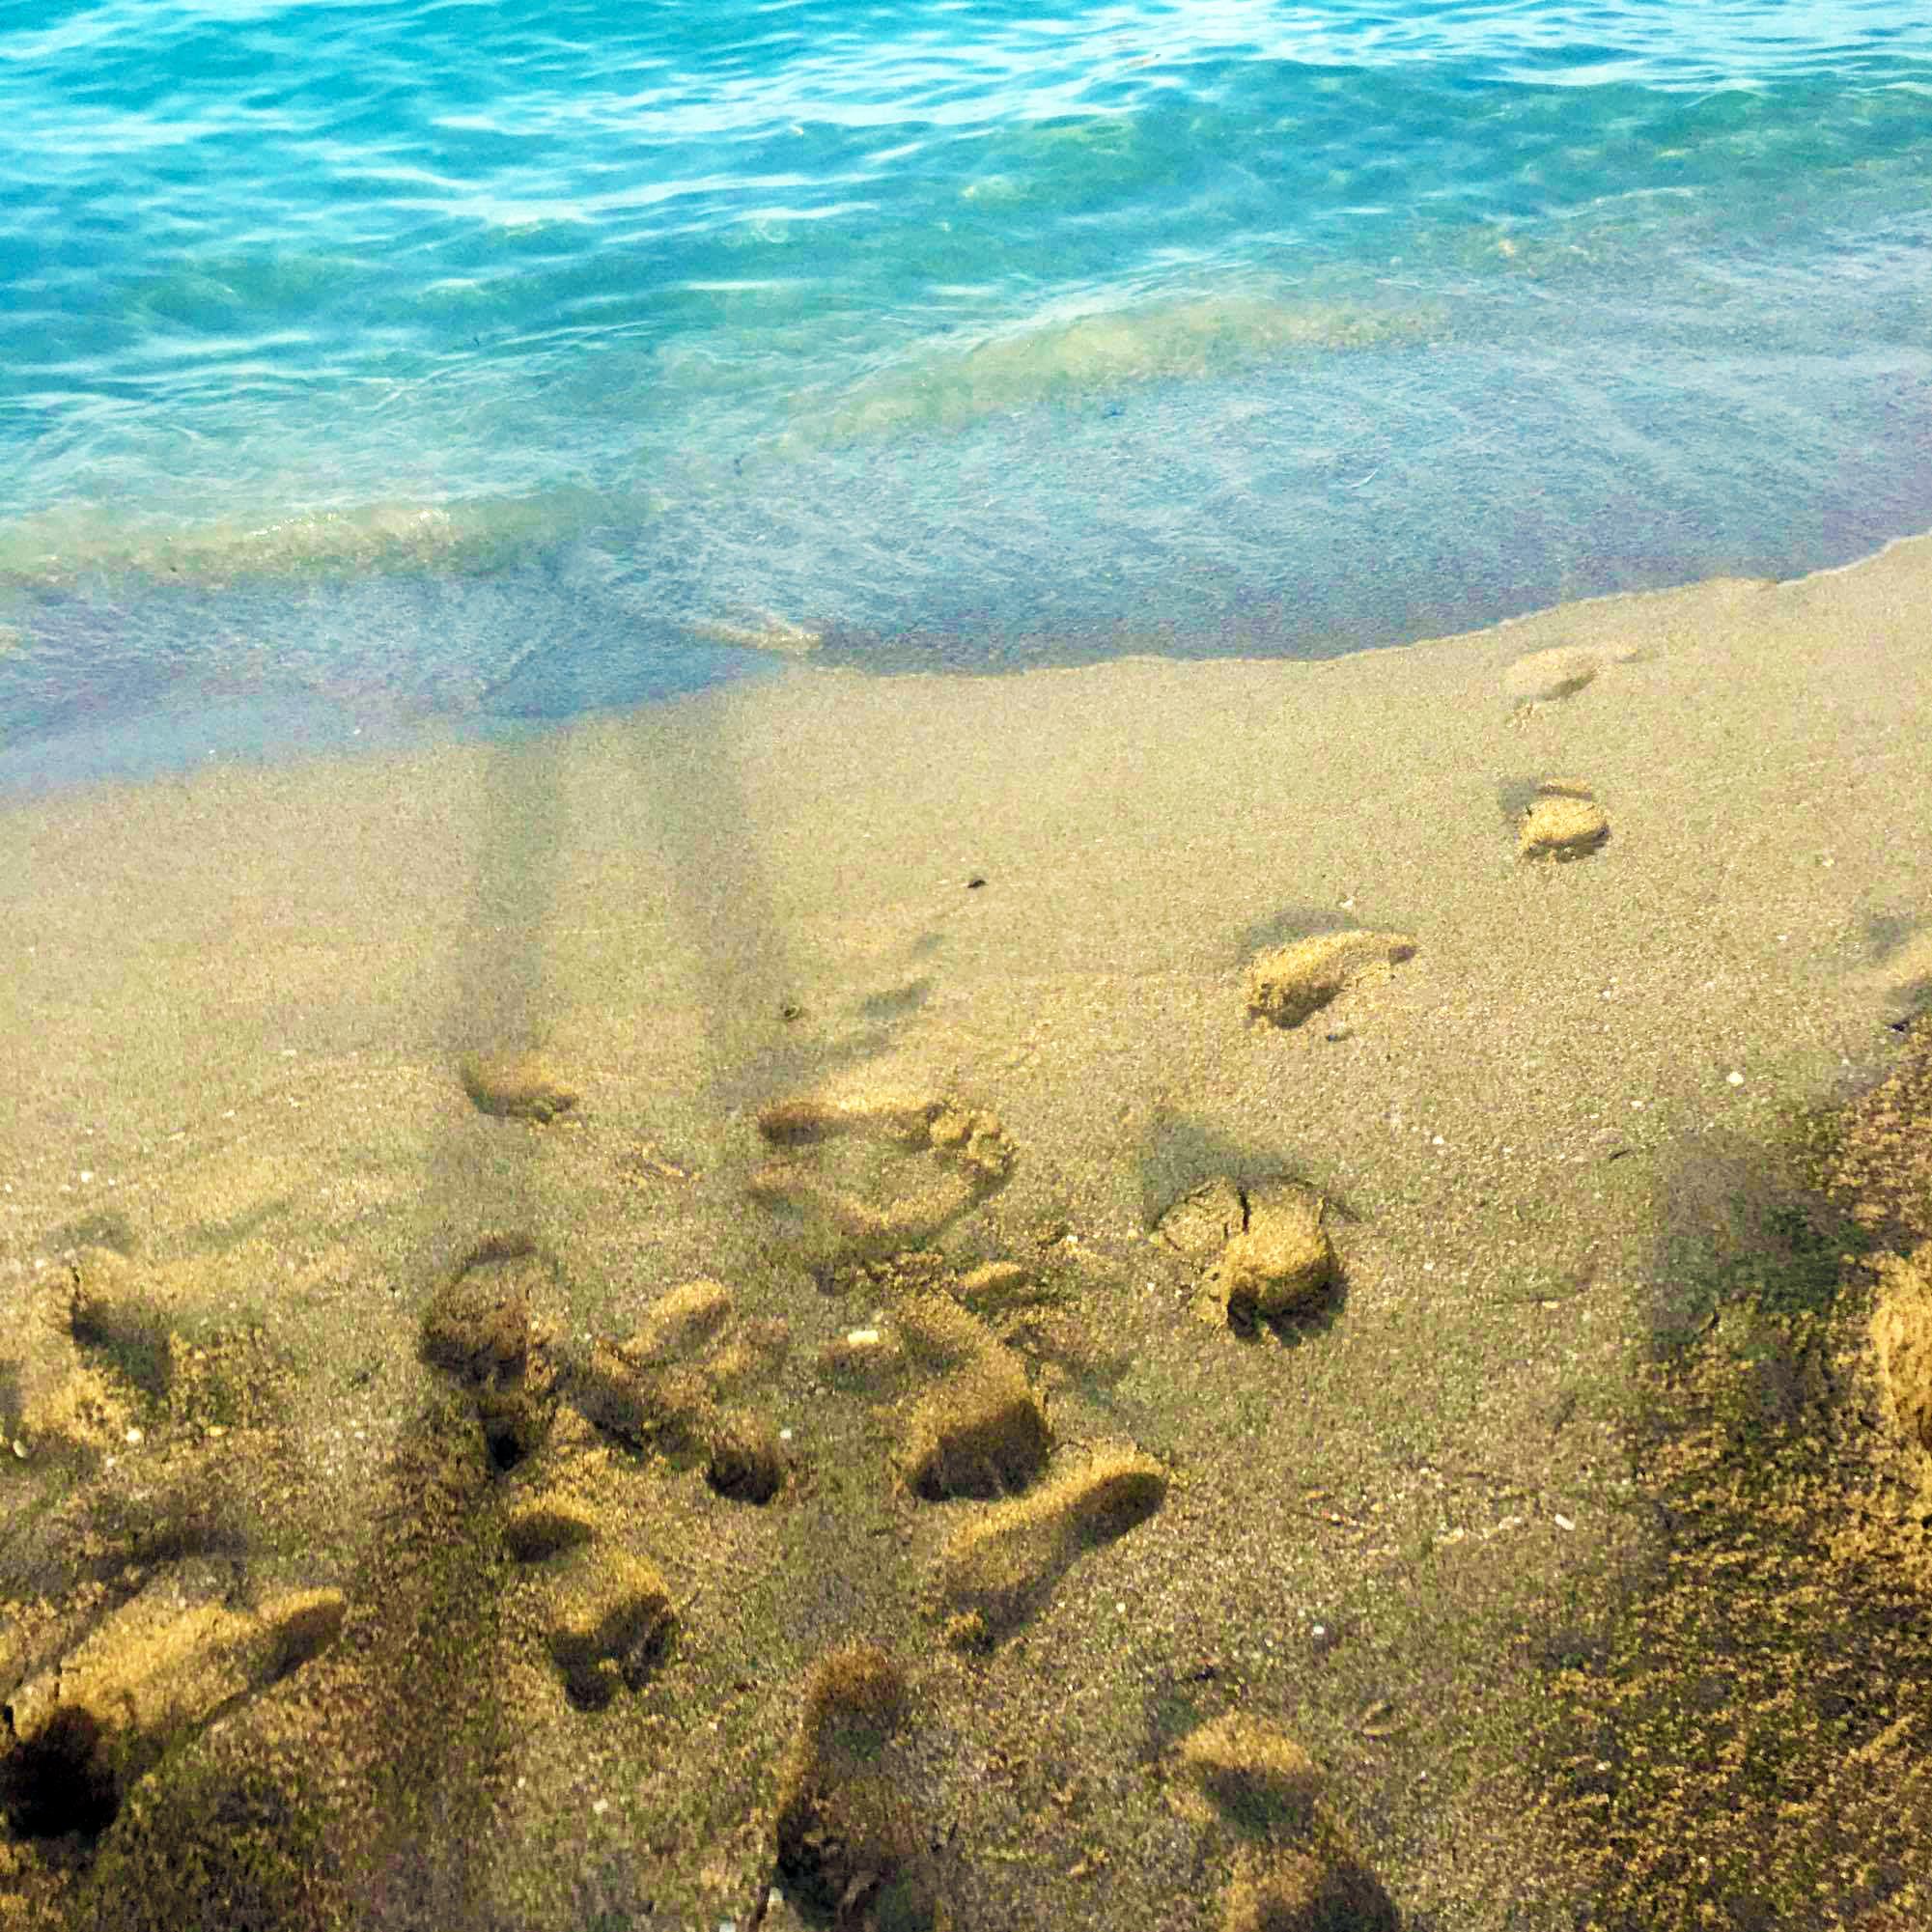 mare_miami_beach